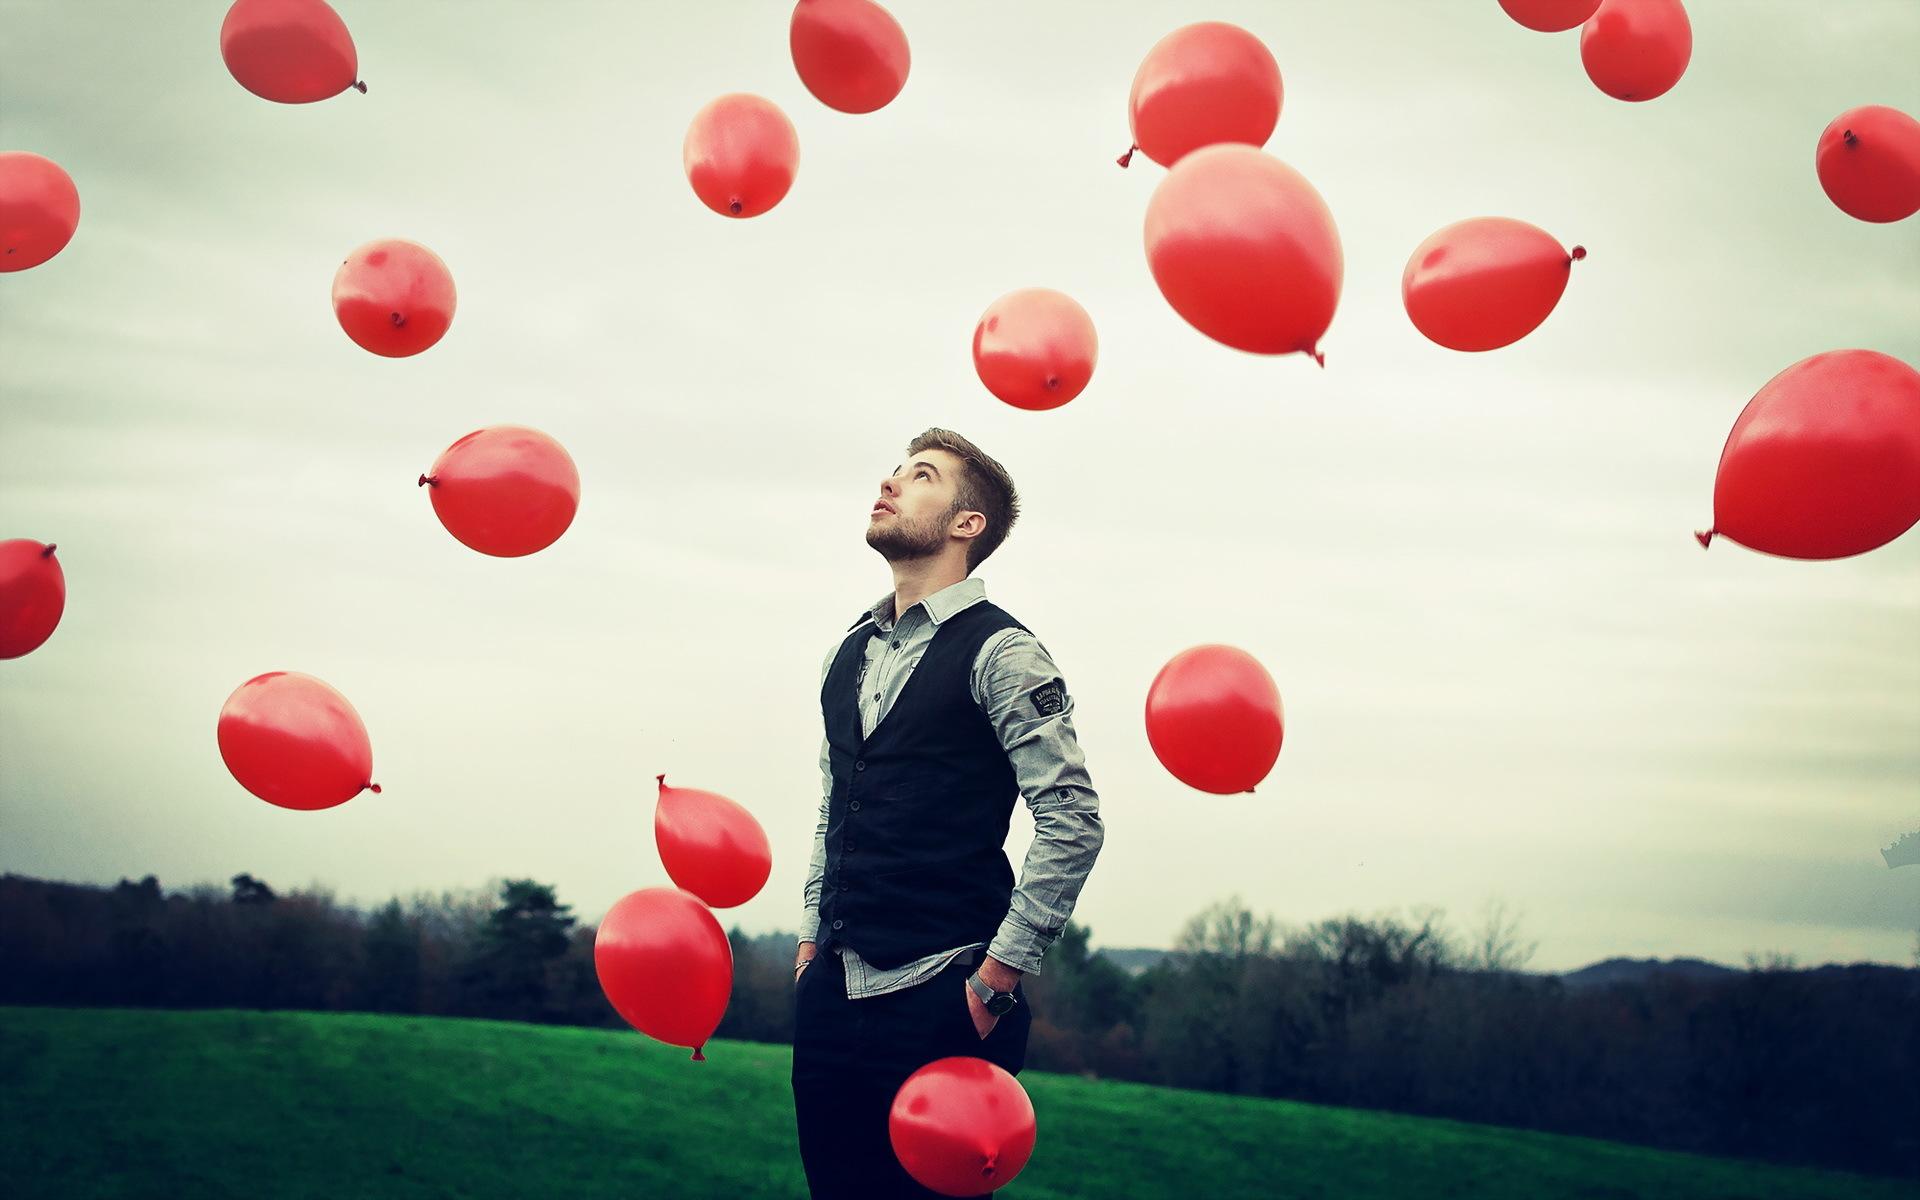 шары, человек, воздух